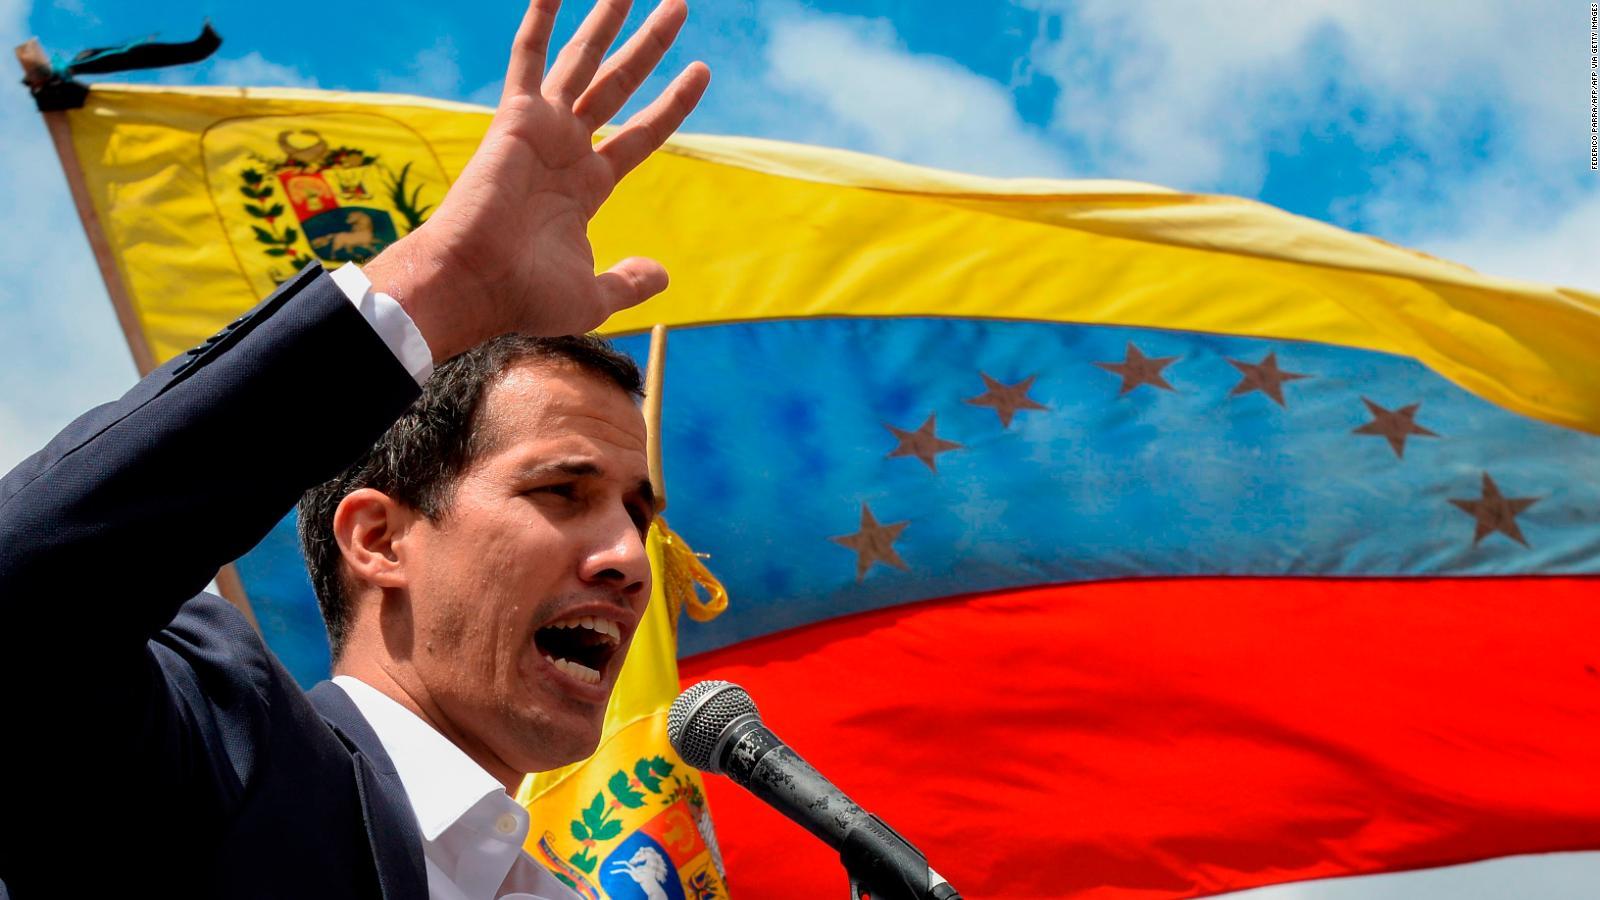 Parlamento Europeo solicita a la Unión Europea que reconozca a Juan Guaidó como presidente interino de Venezuela